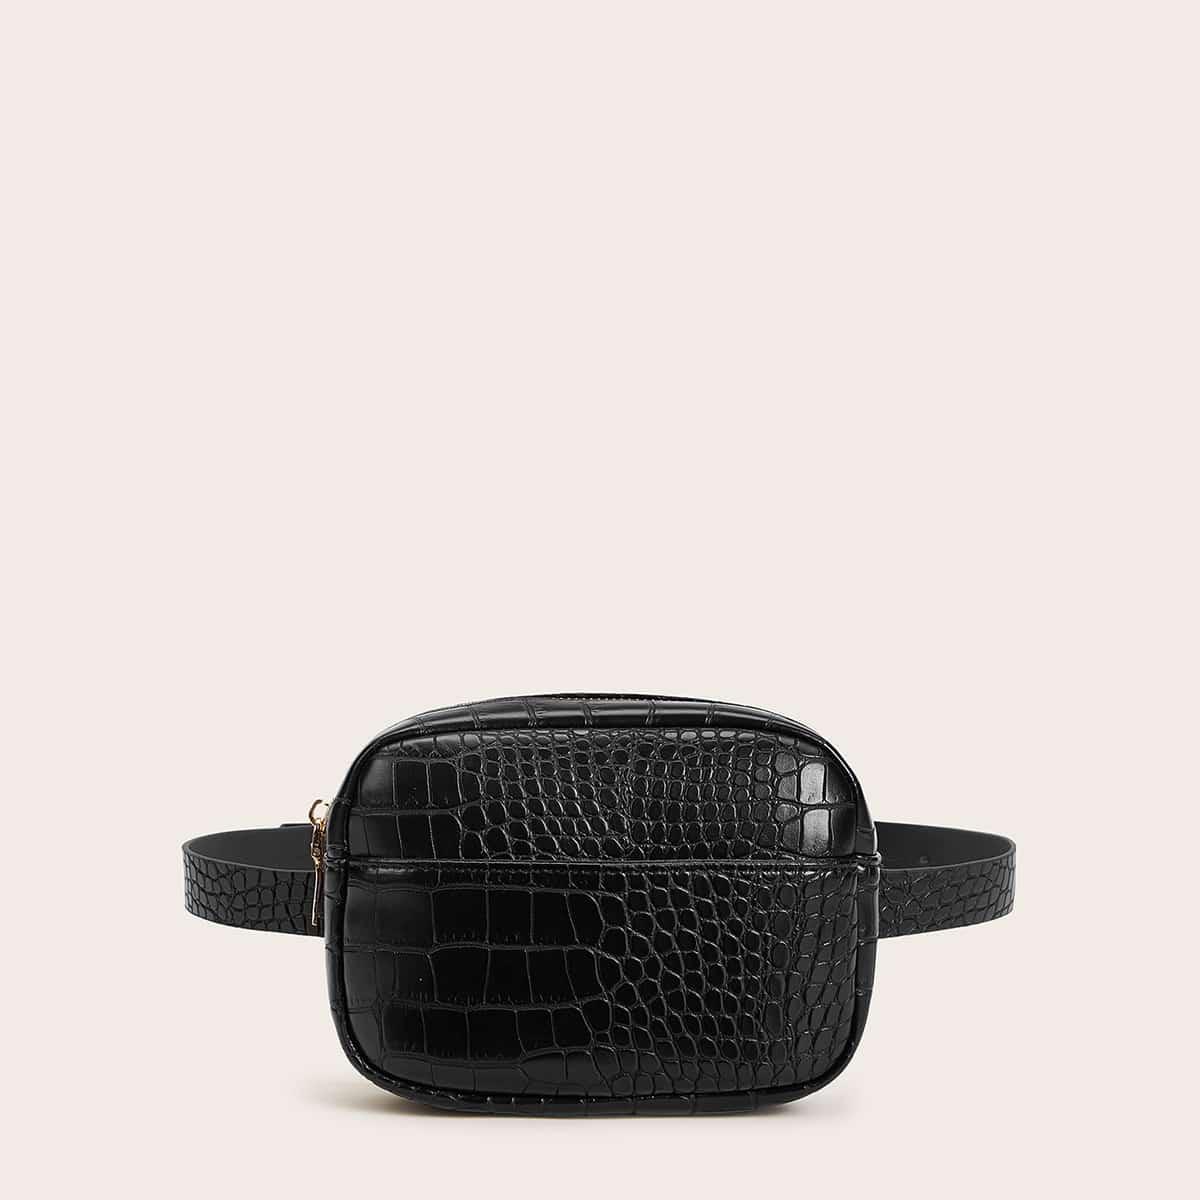 Поясная сумка с тиснением под крокодила от SHEIN